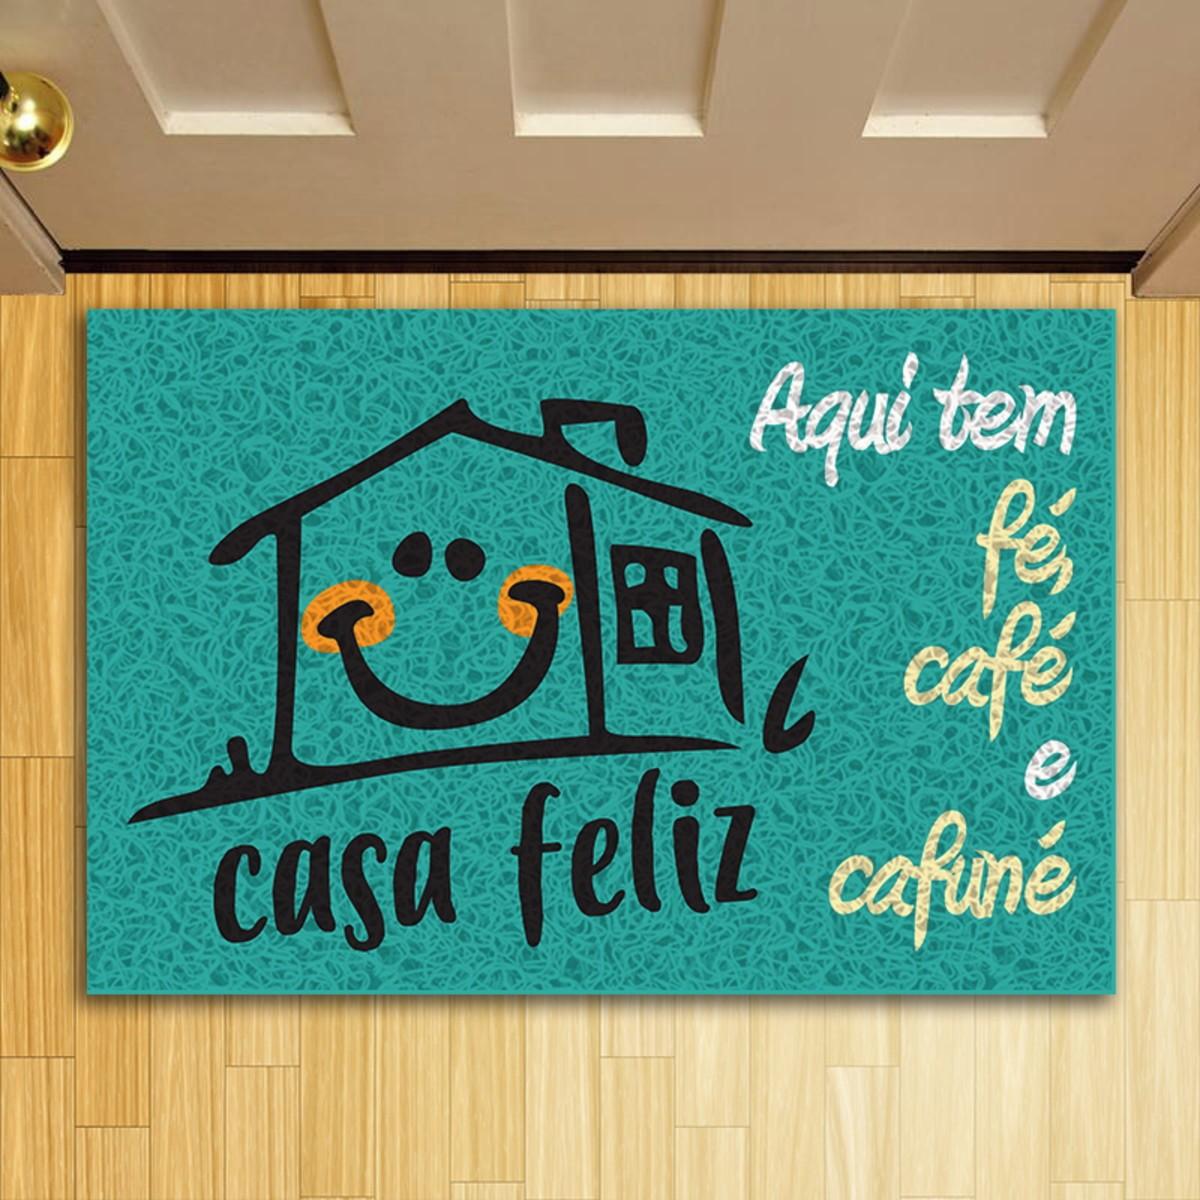 TAPETE CAPACHO AQUI TEM CAFÉ FÉ E CAFUNÉ